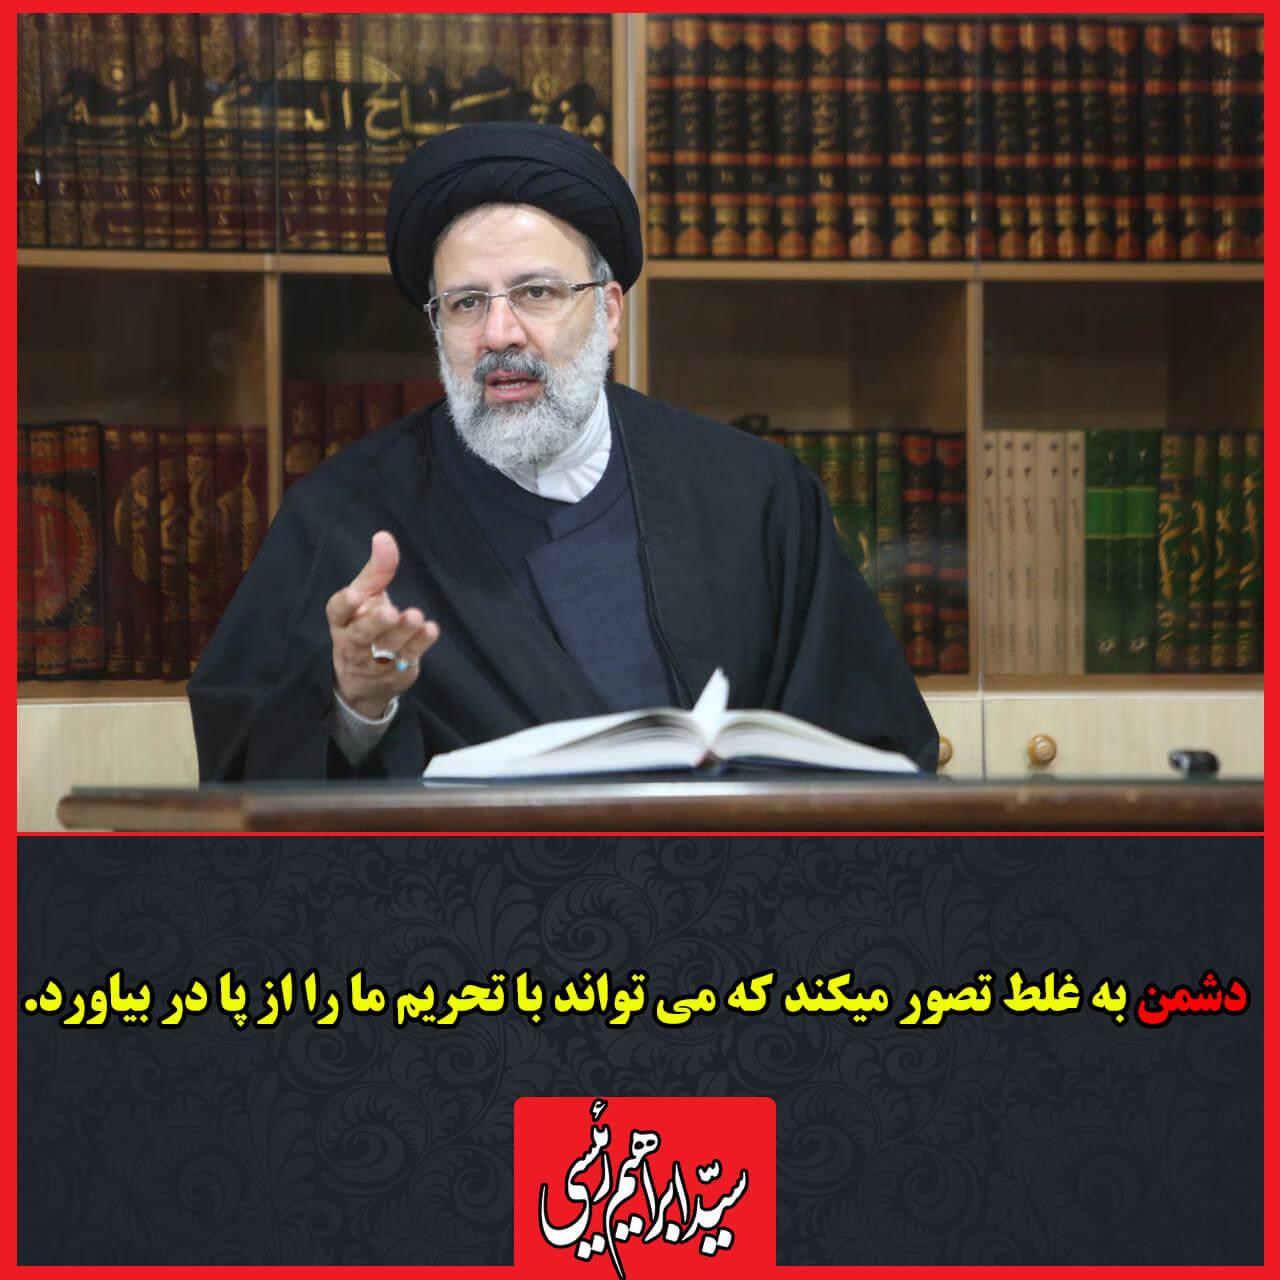 پوستر سید ابراهیم رئیسی